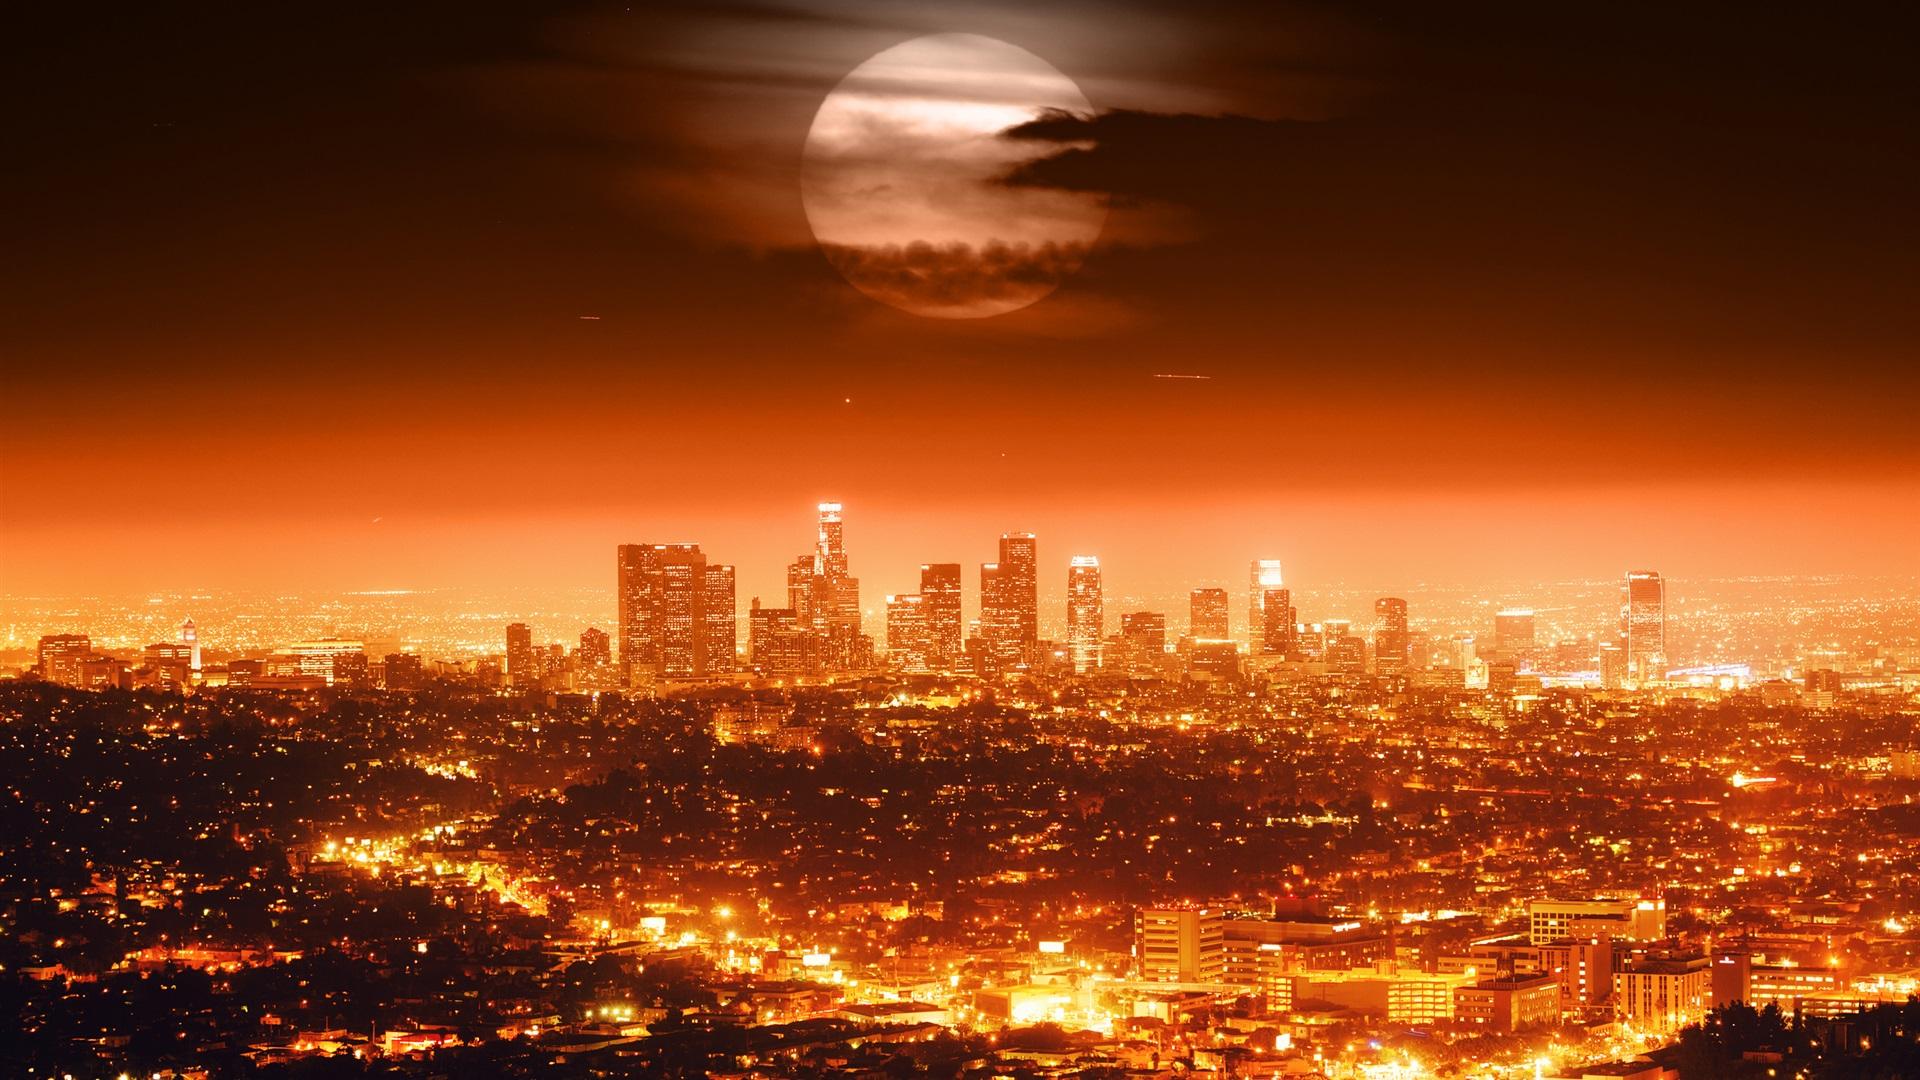 1080 x 1920 moon wallpaper: Fonds D'écran Pleine Lune, Etats-Unis, Los Angeles, Nuit